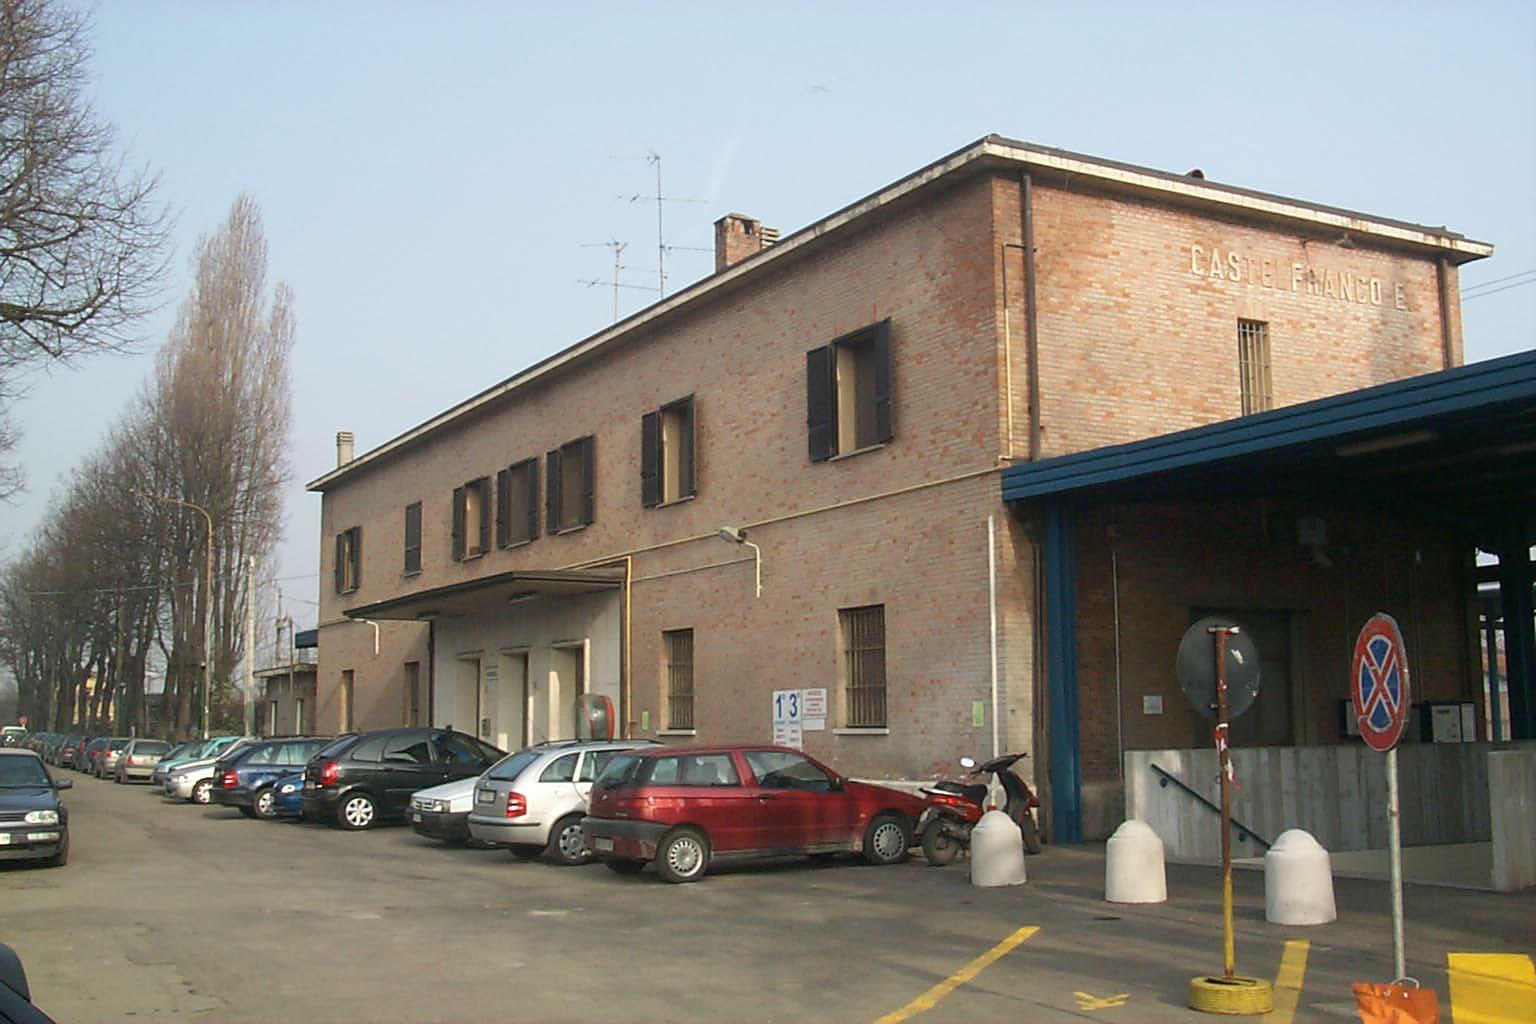 stazione di Castelfranco E.